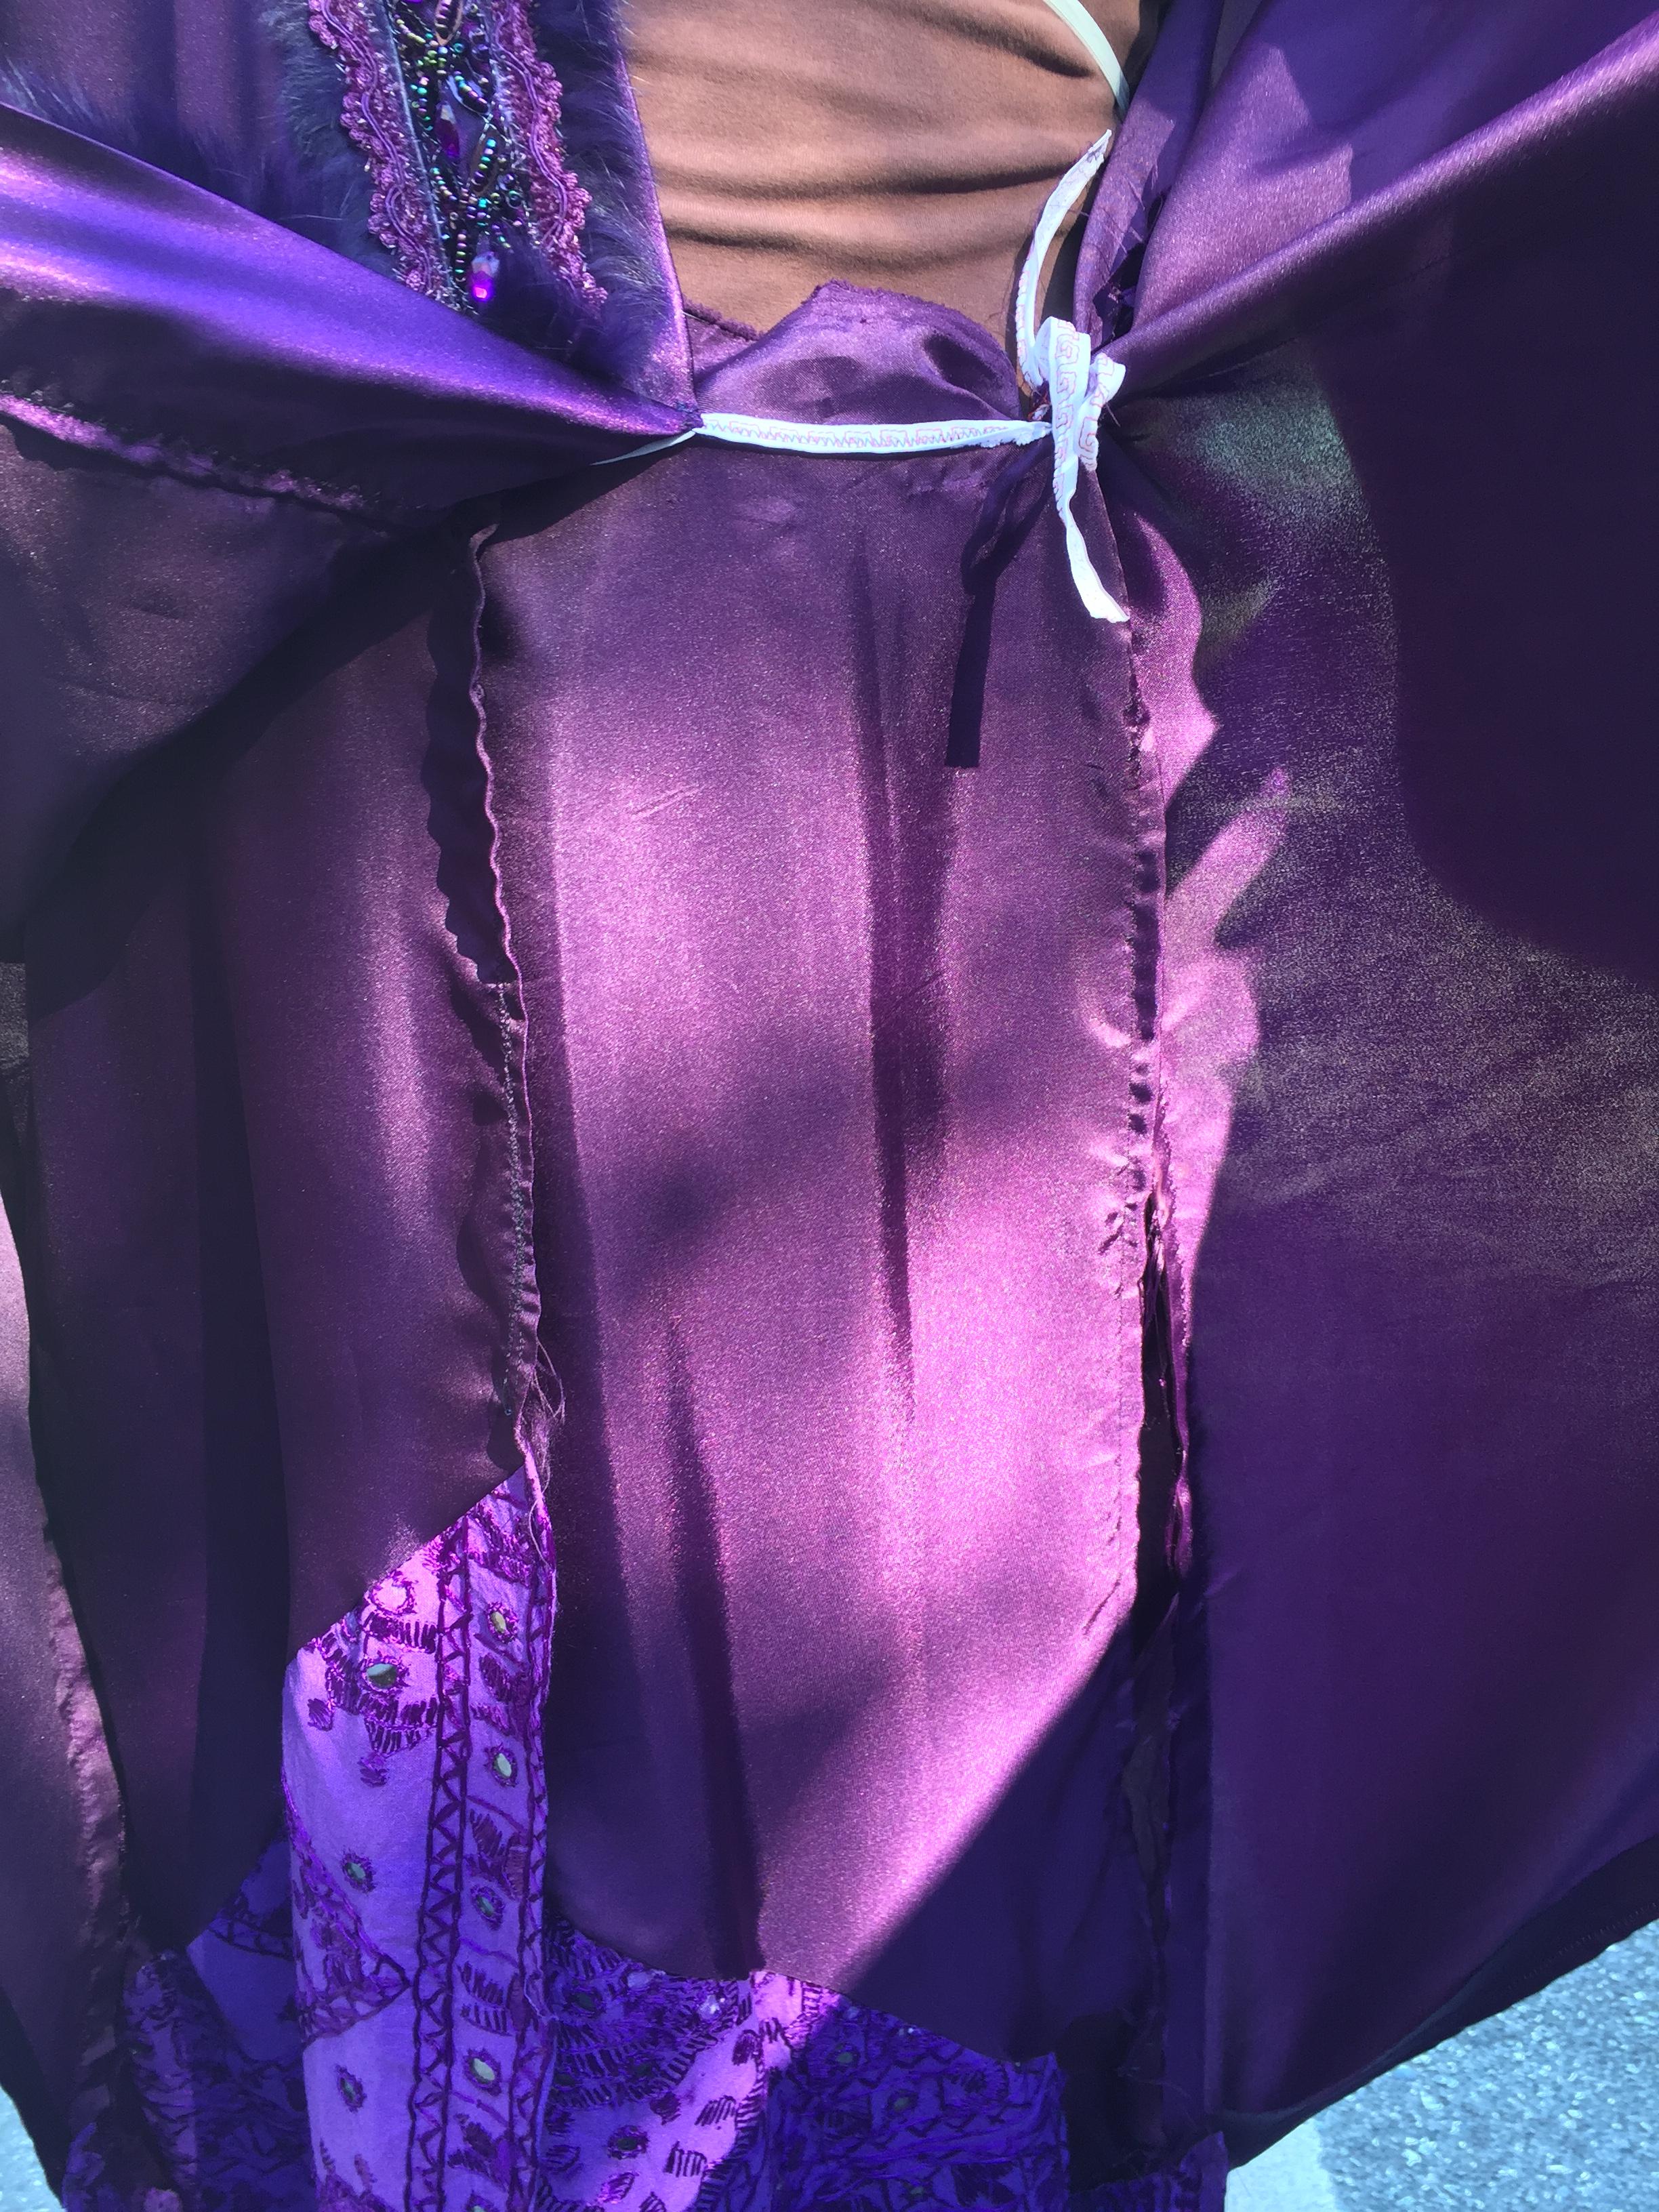 wizard robe inner leaves